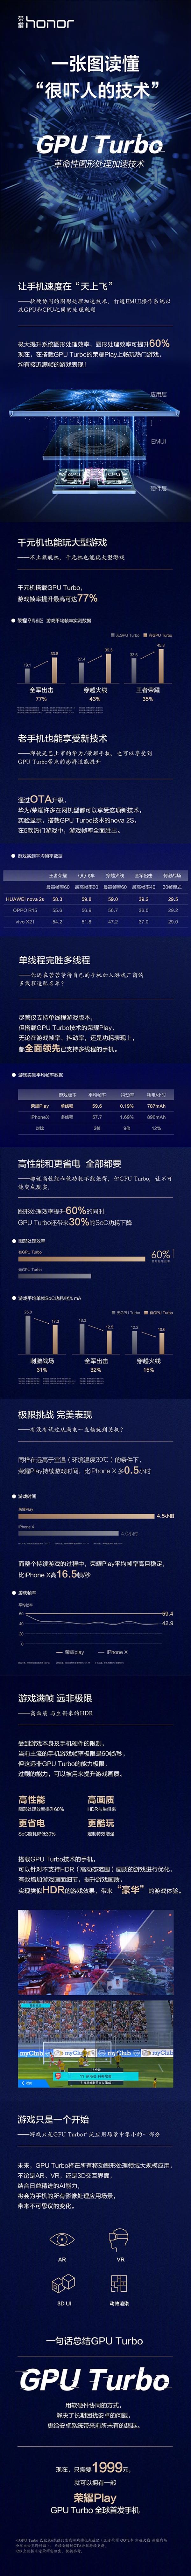 图形处理效率提升60% 一图了解GPU Turbo技术